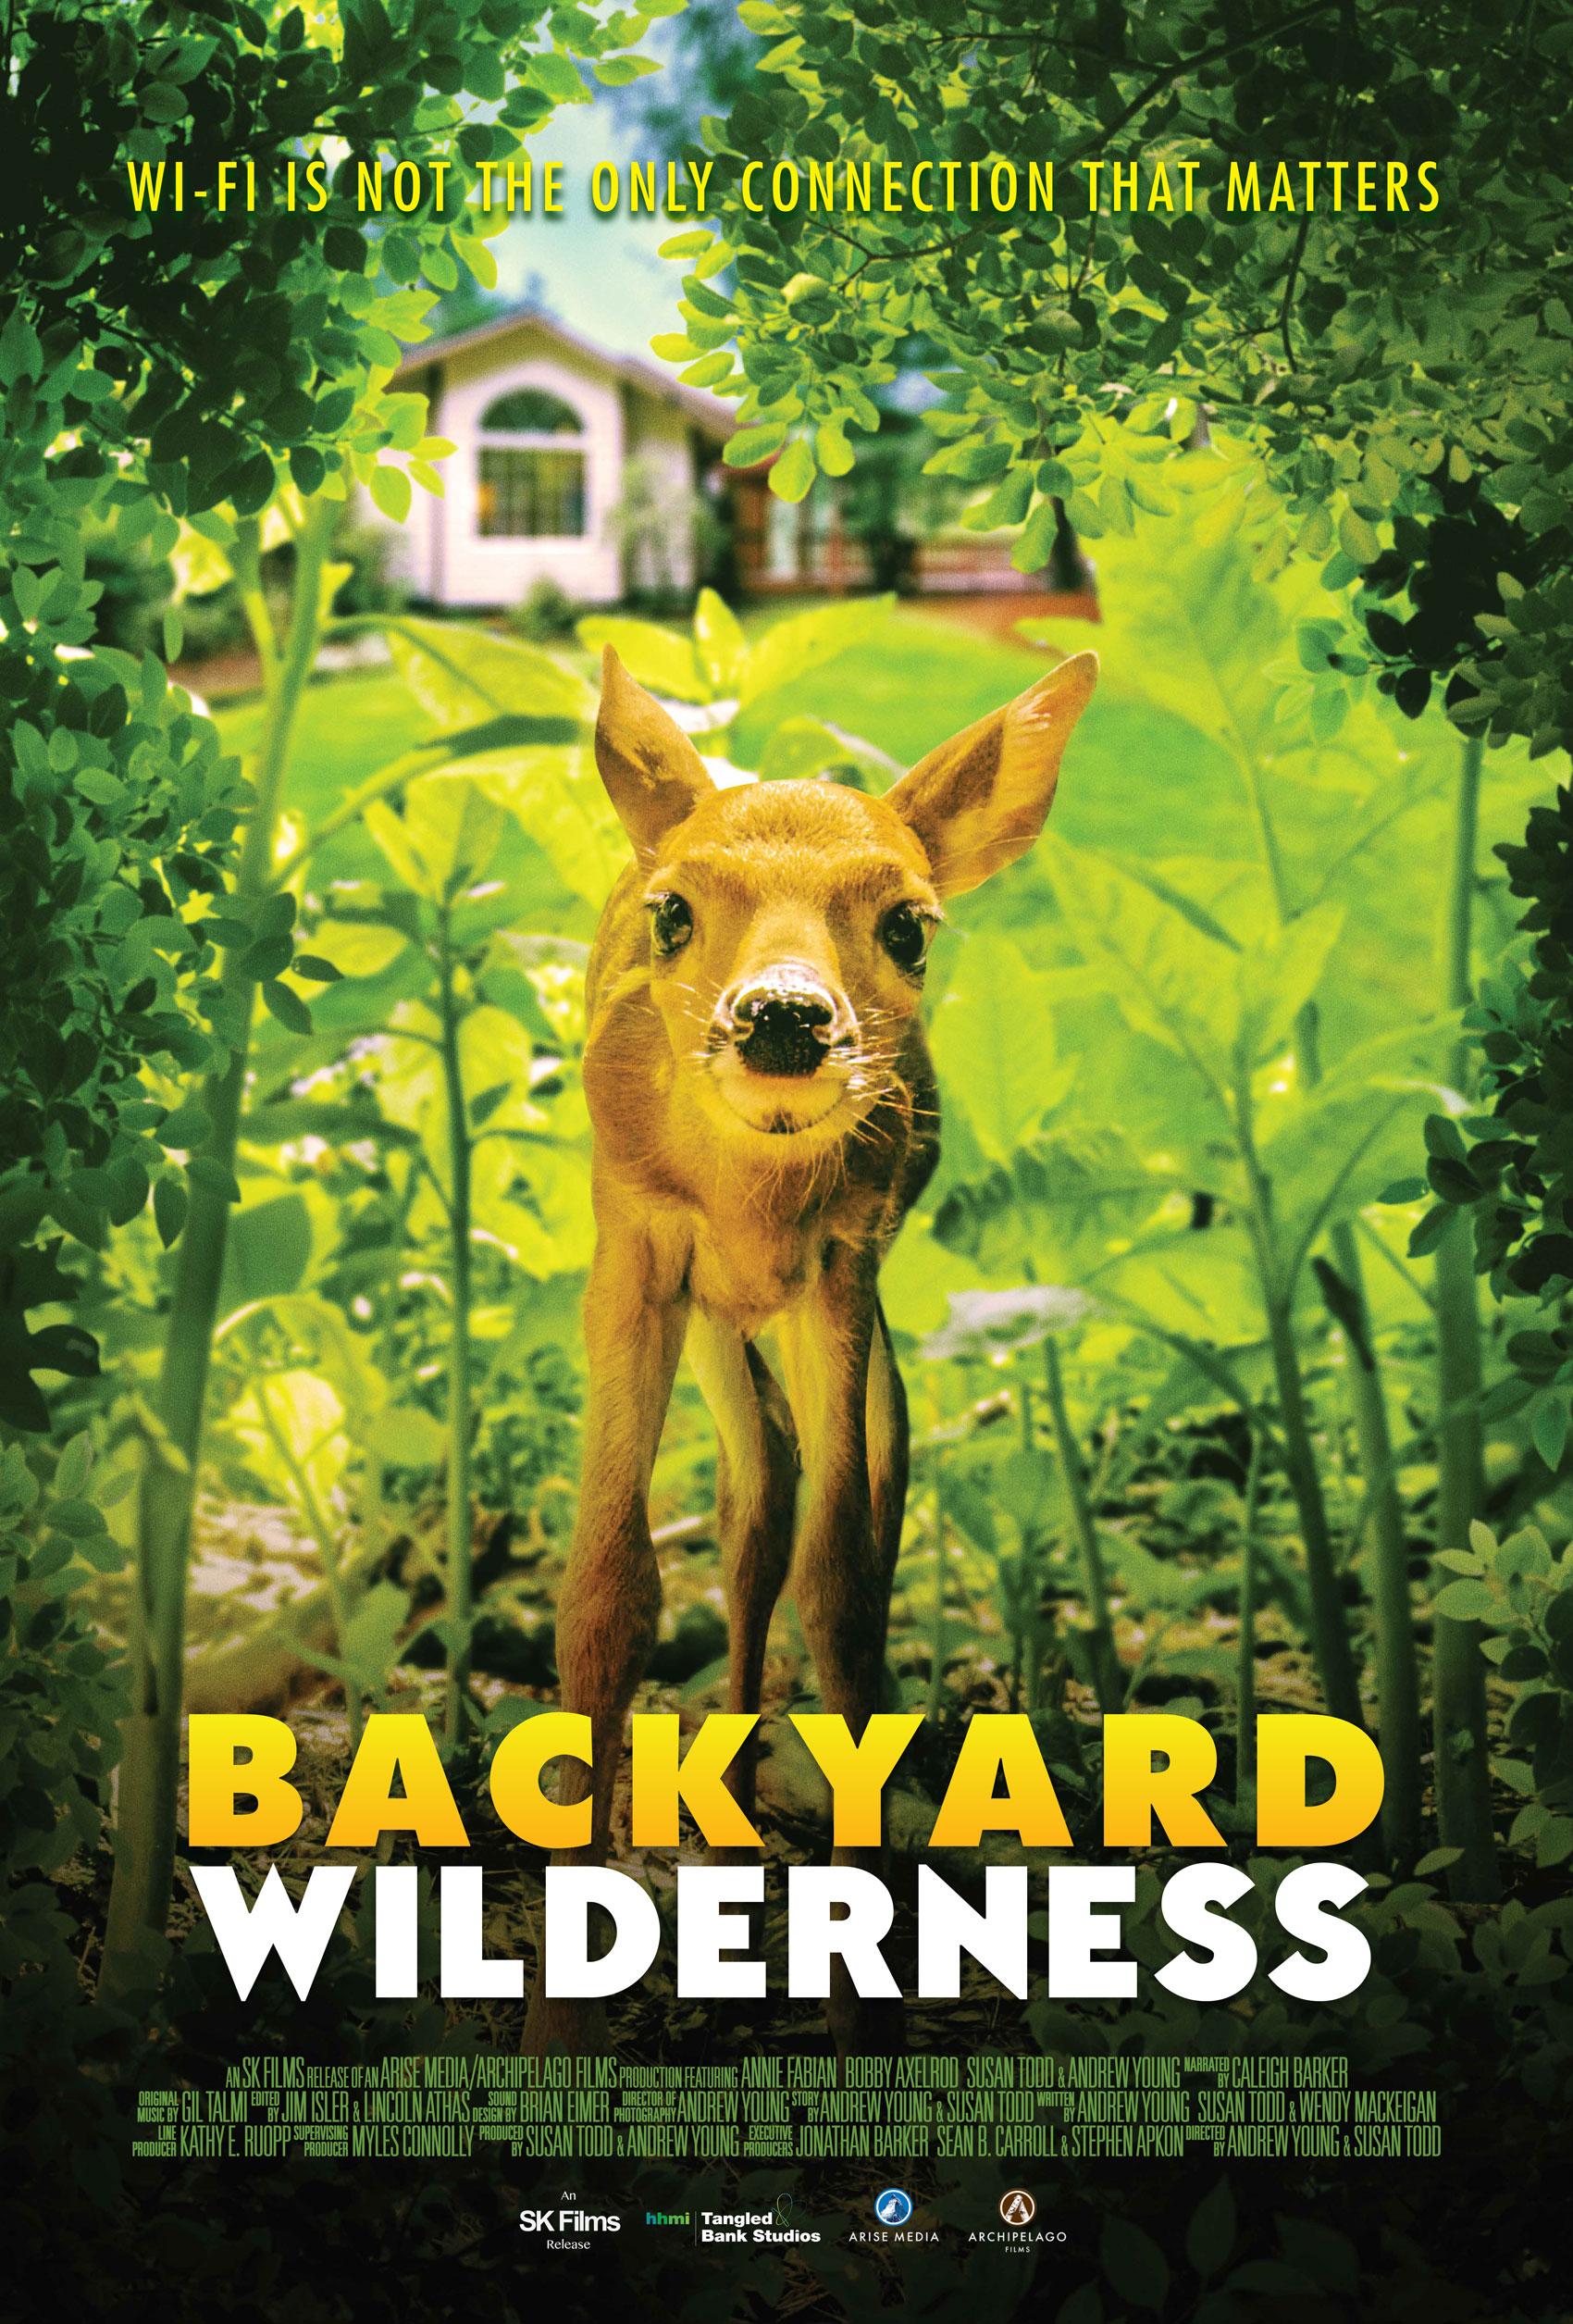 Backyard-Wilderness_Poster-2D_9-Jan-2018_LR.jpg